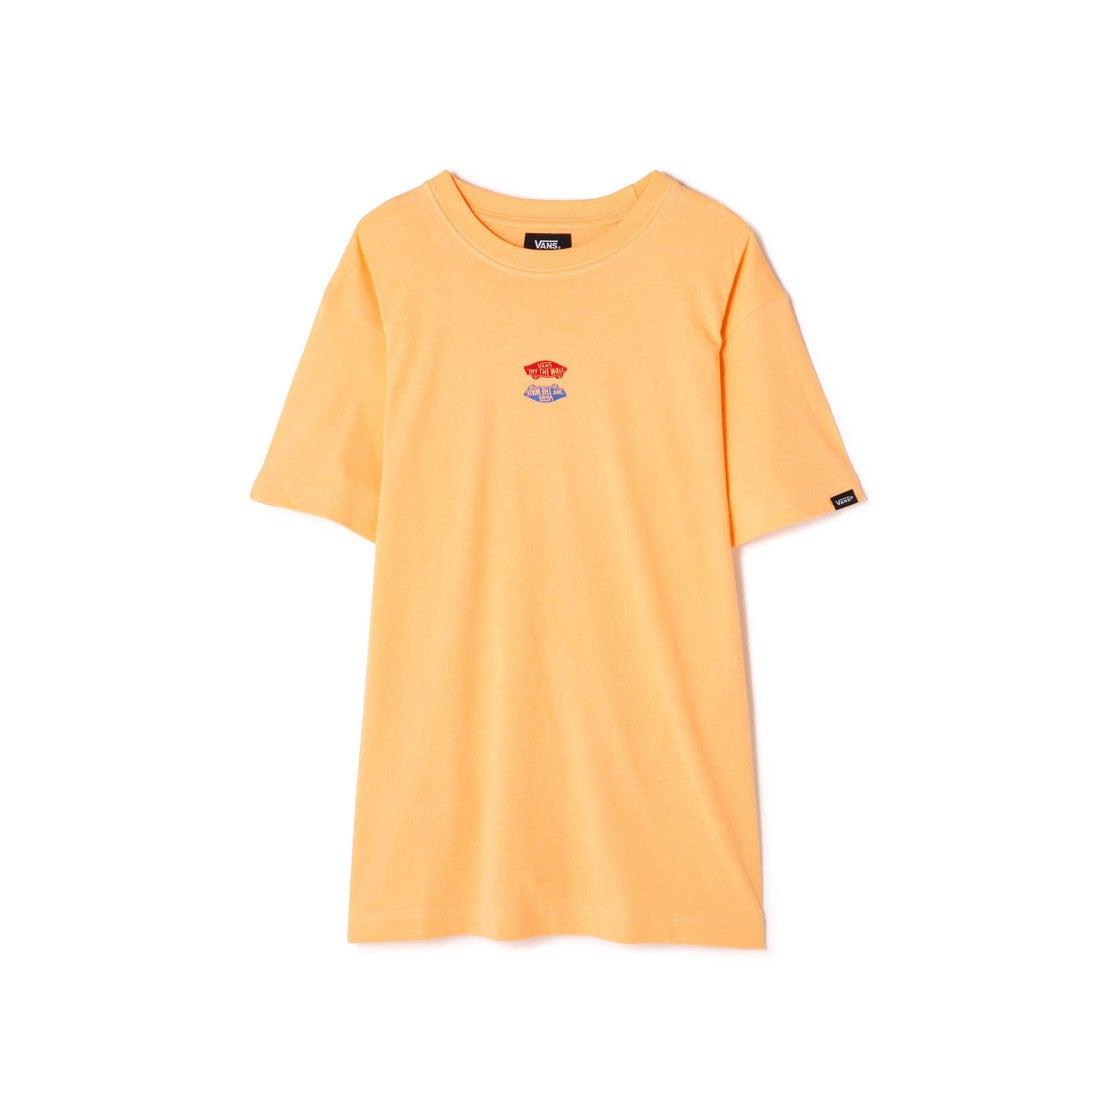 VANSOTWReversalTシャツオレンジ